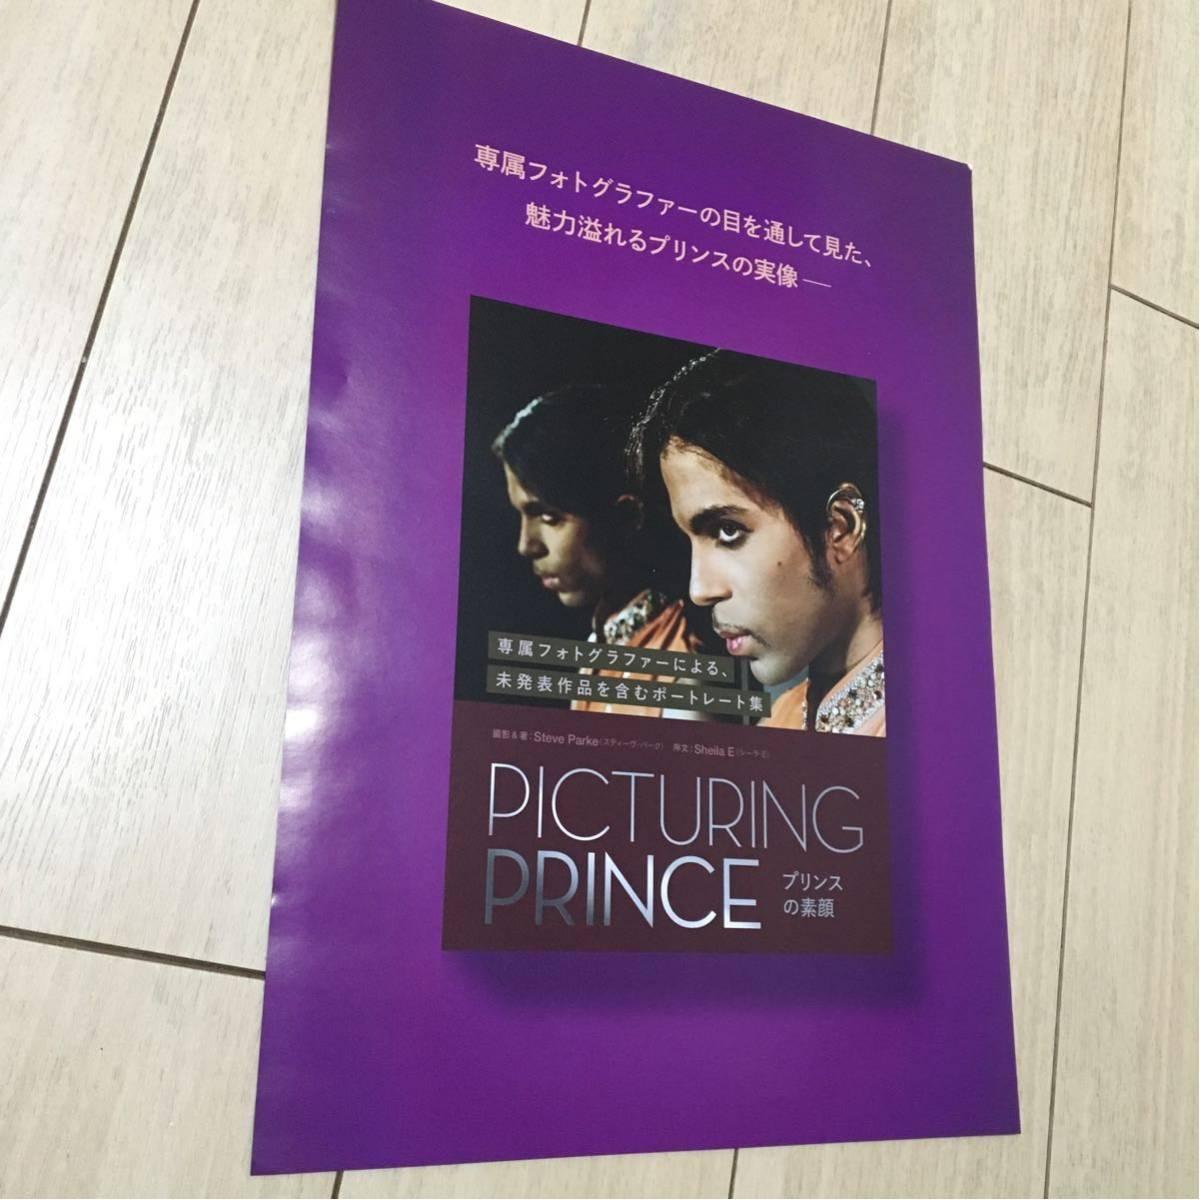 プリンス prince picturing プリンスの素顔 発売 告知 チラシ 2017 r&b ブラック ミュージック ダンス 写真集